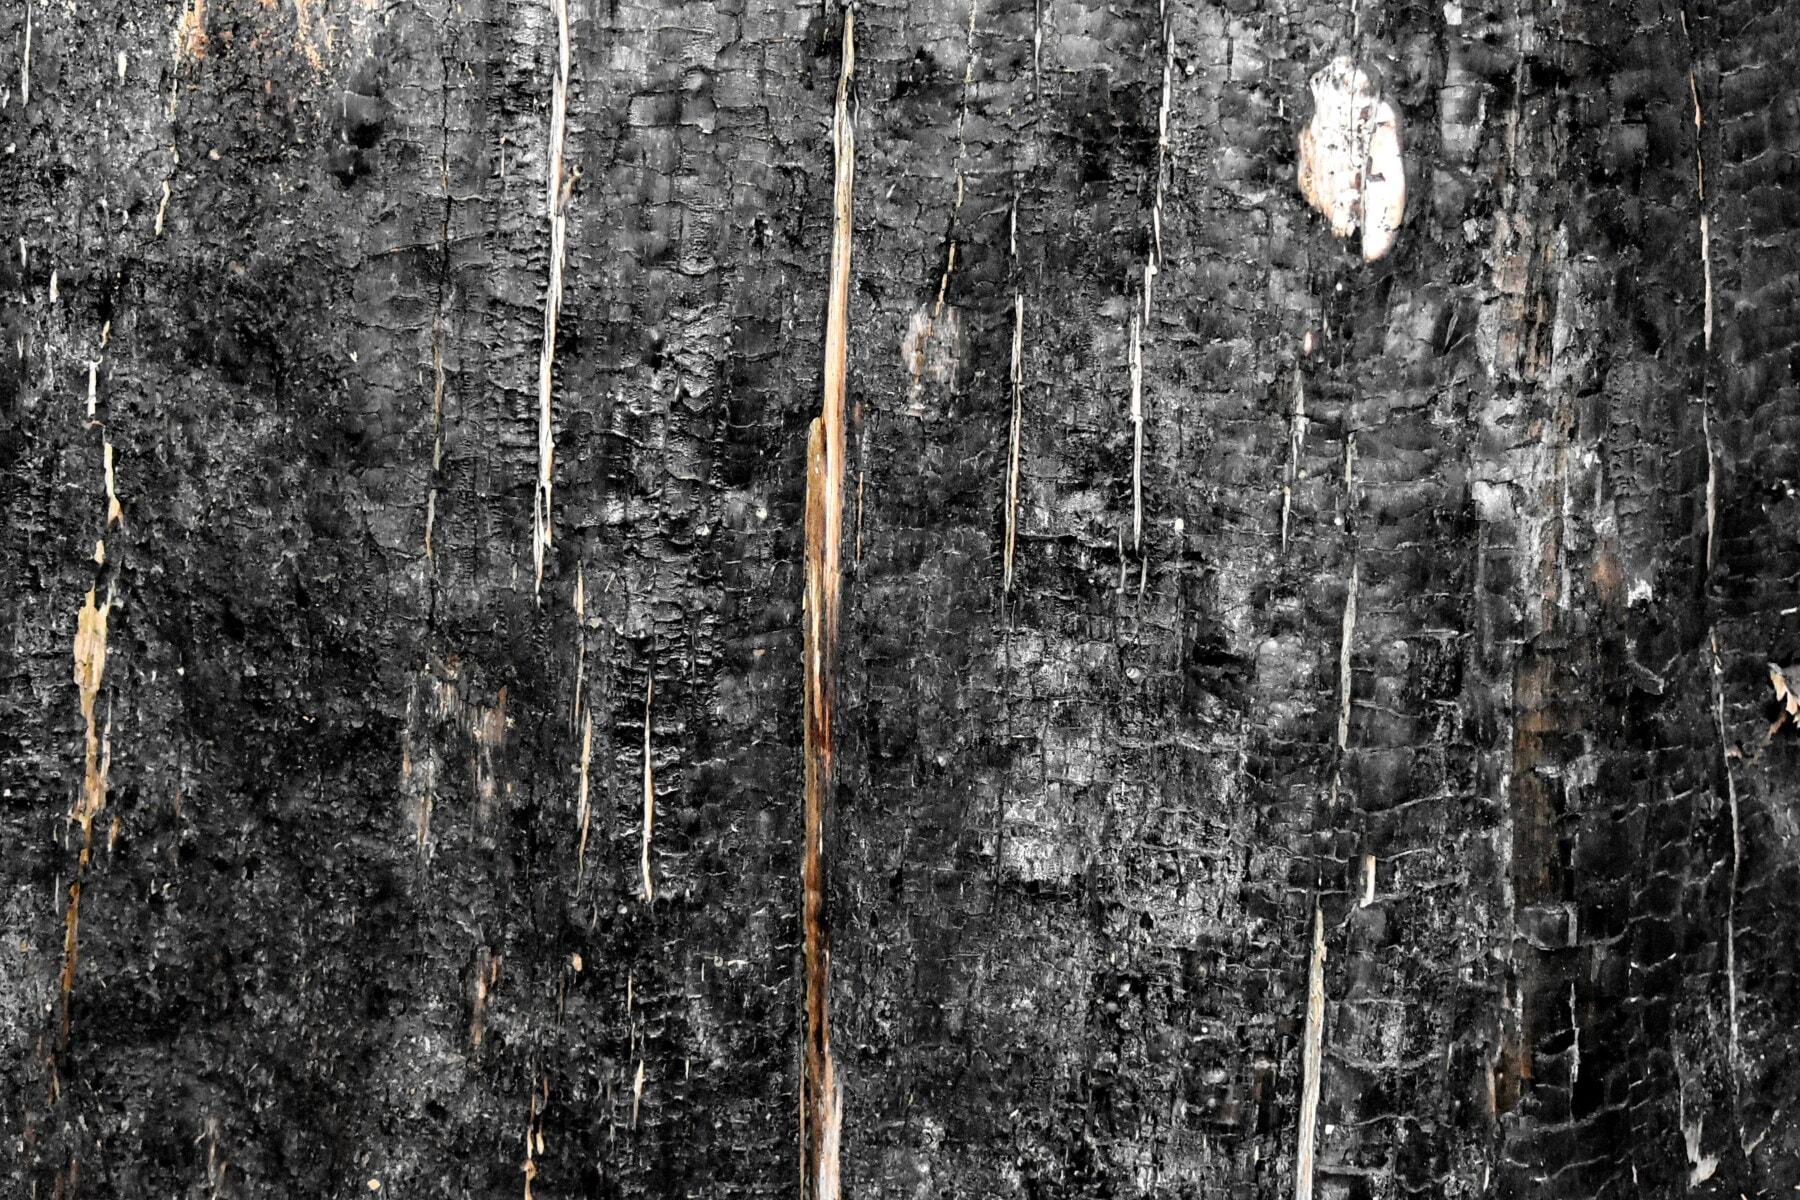 горя, черно, текстура, дървен материал, въглища, пепел, мръсни, детайли, стар, дърво